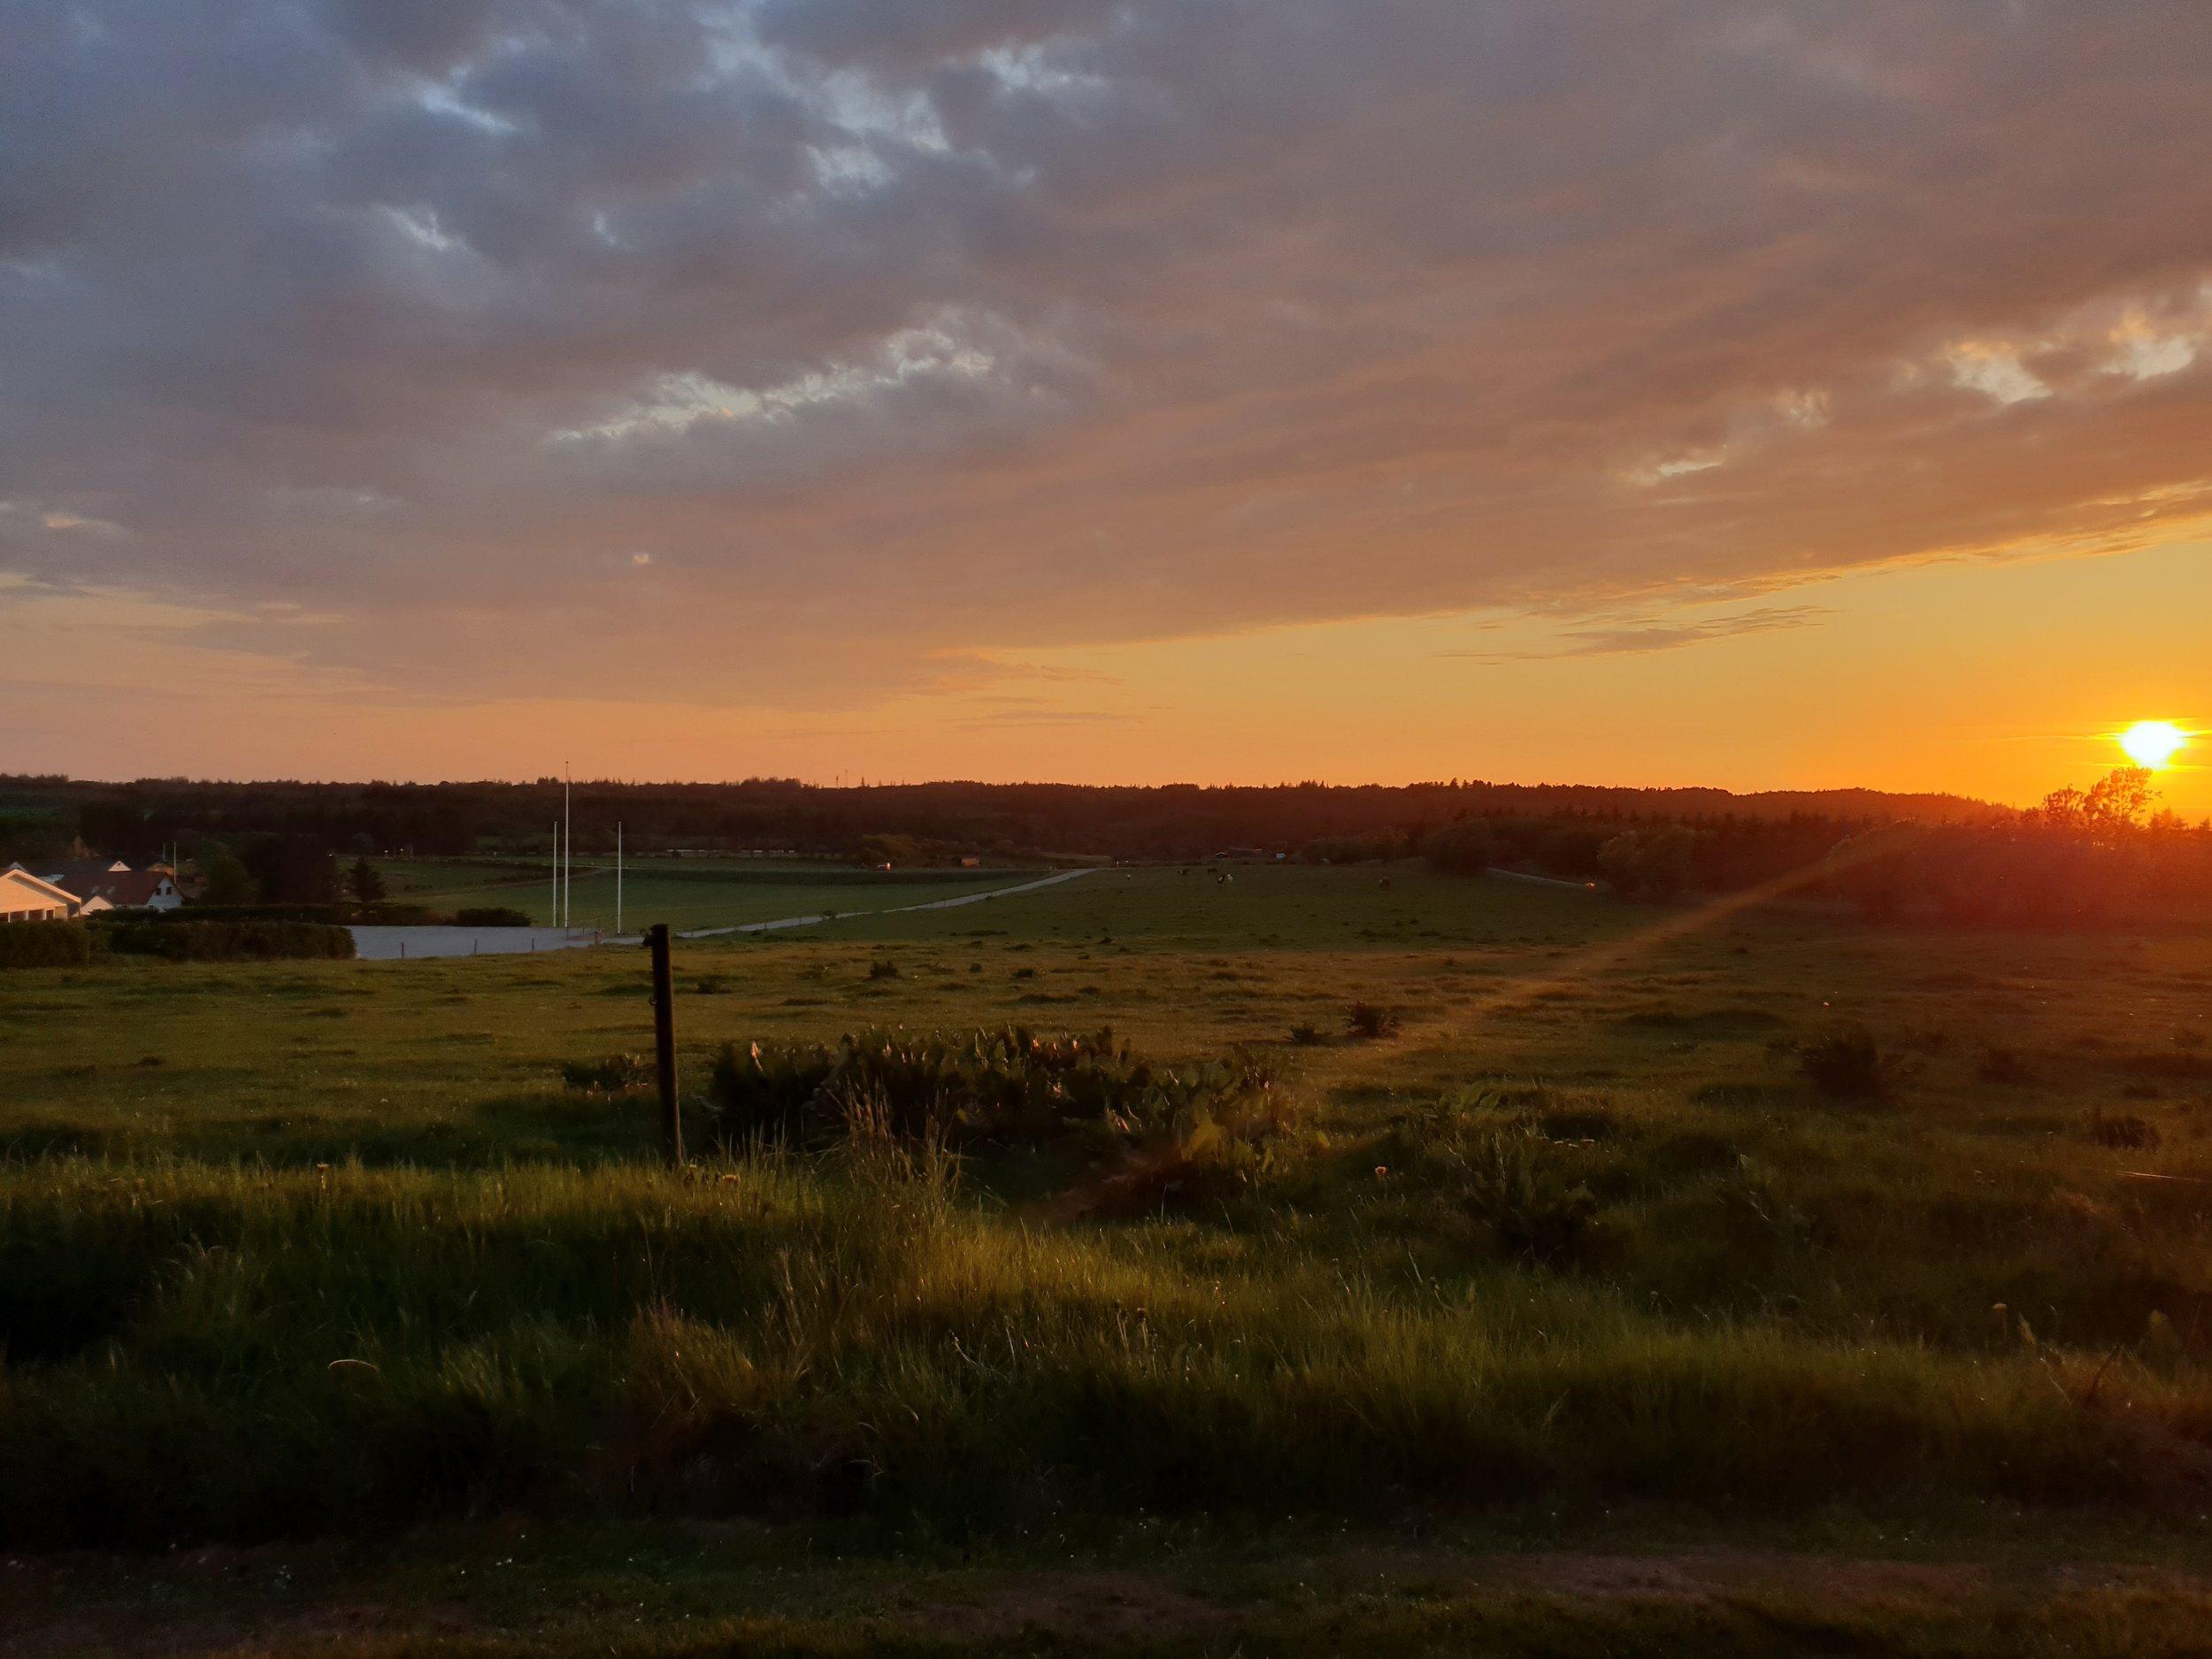 Kursusdøgn - Har I brug for at få solnedgangen med? Så er et kursusdøgn på Højgaarden ideelt. Slut dagen af med at gå en tur op på bakken nyd solnedgangen med udsigt over Jammerbugten. Få en god nats søvn efter en skøn middag hvor der er fuld fokus på gode råvarer og velsmag. I vil stå op til en fantastisk morgenmadsbuffet og gode minder.Priser fra 945,00 kr. per deltager.